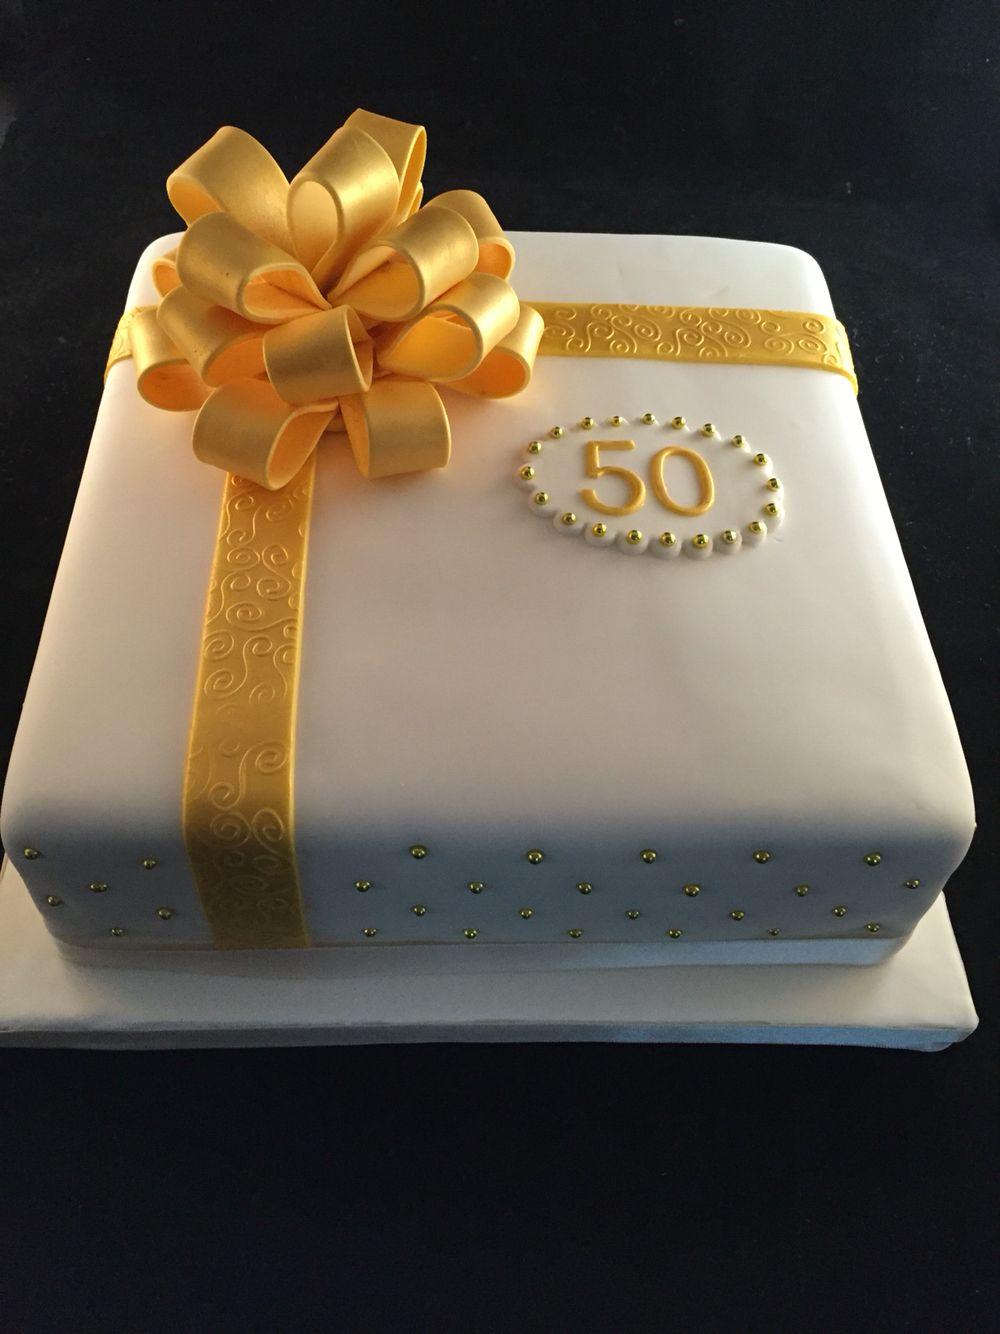 Bekend 50 jaar getrouwd taart | EMIJOS | Taart ideeën, Taart bruiloft @QT29